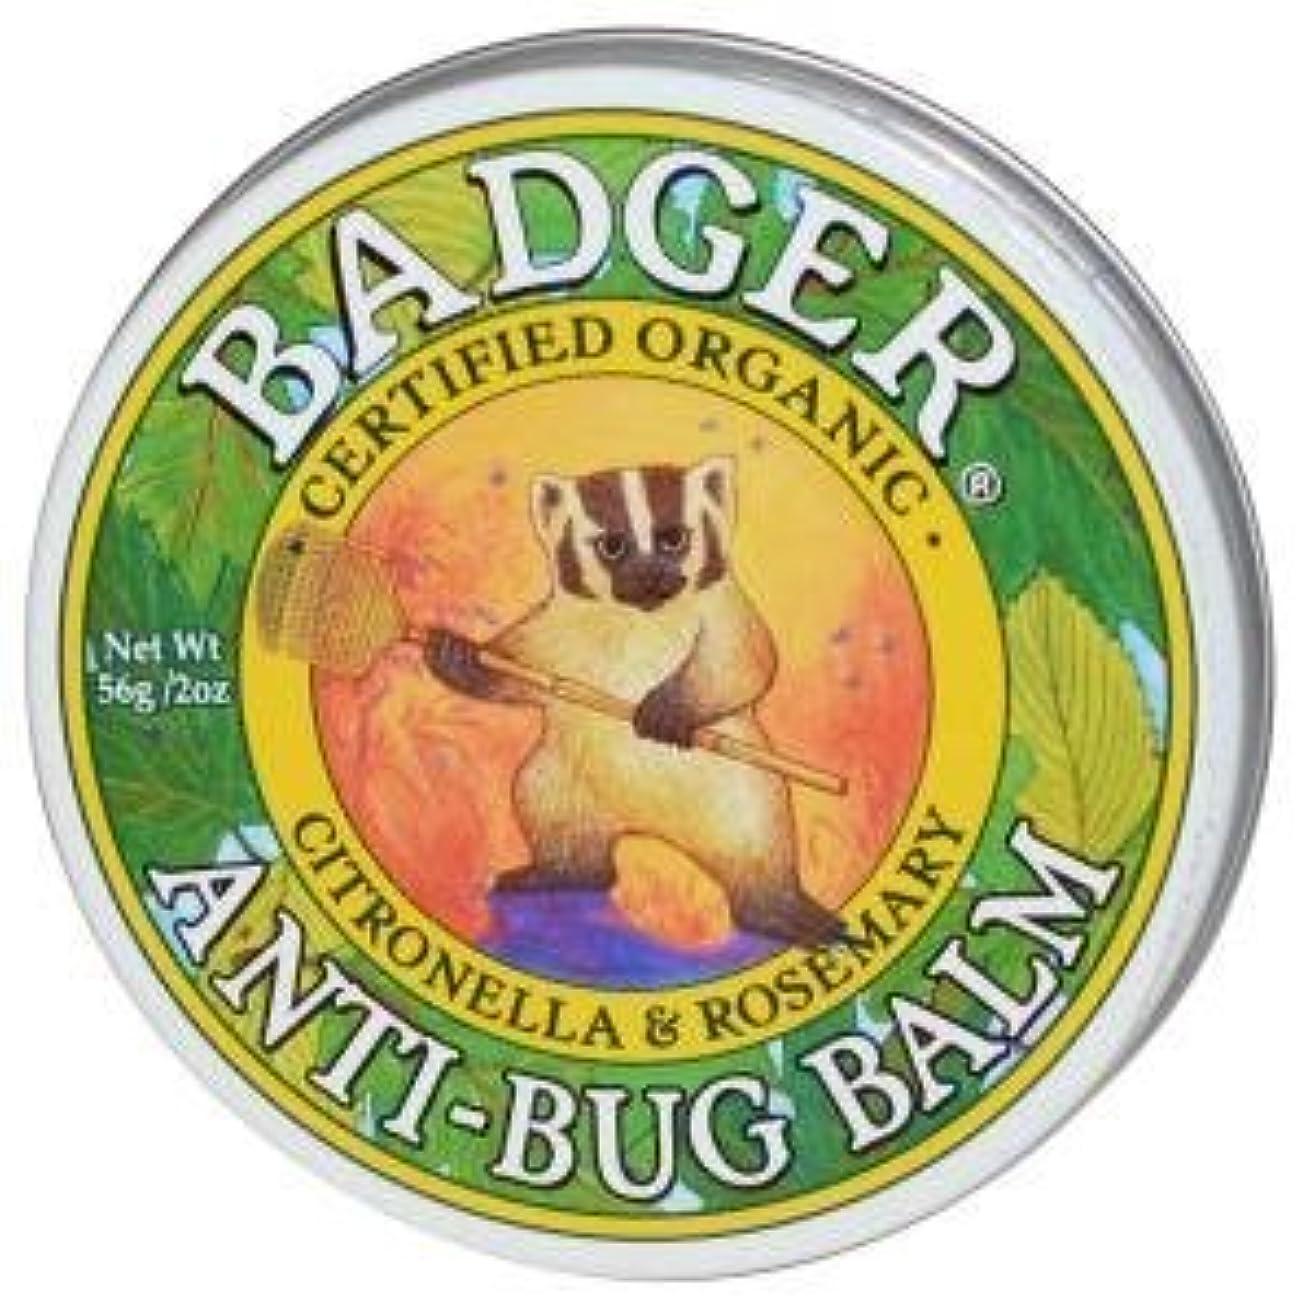 シェード乏しいピック[並行輸入品] バジャー(Badger) プロテクトバーム(虫よけバーム) 56g